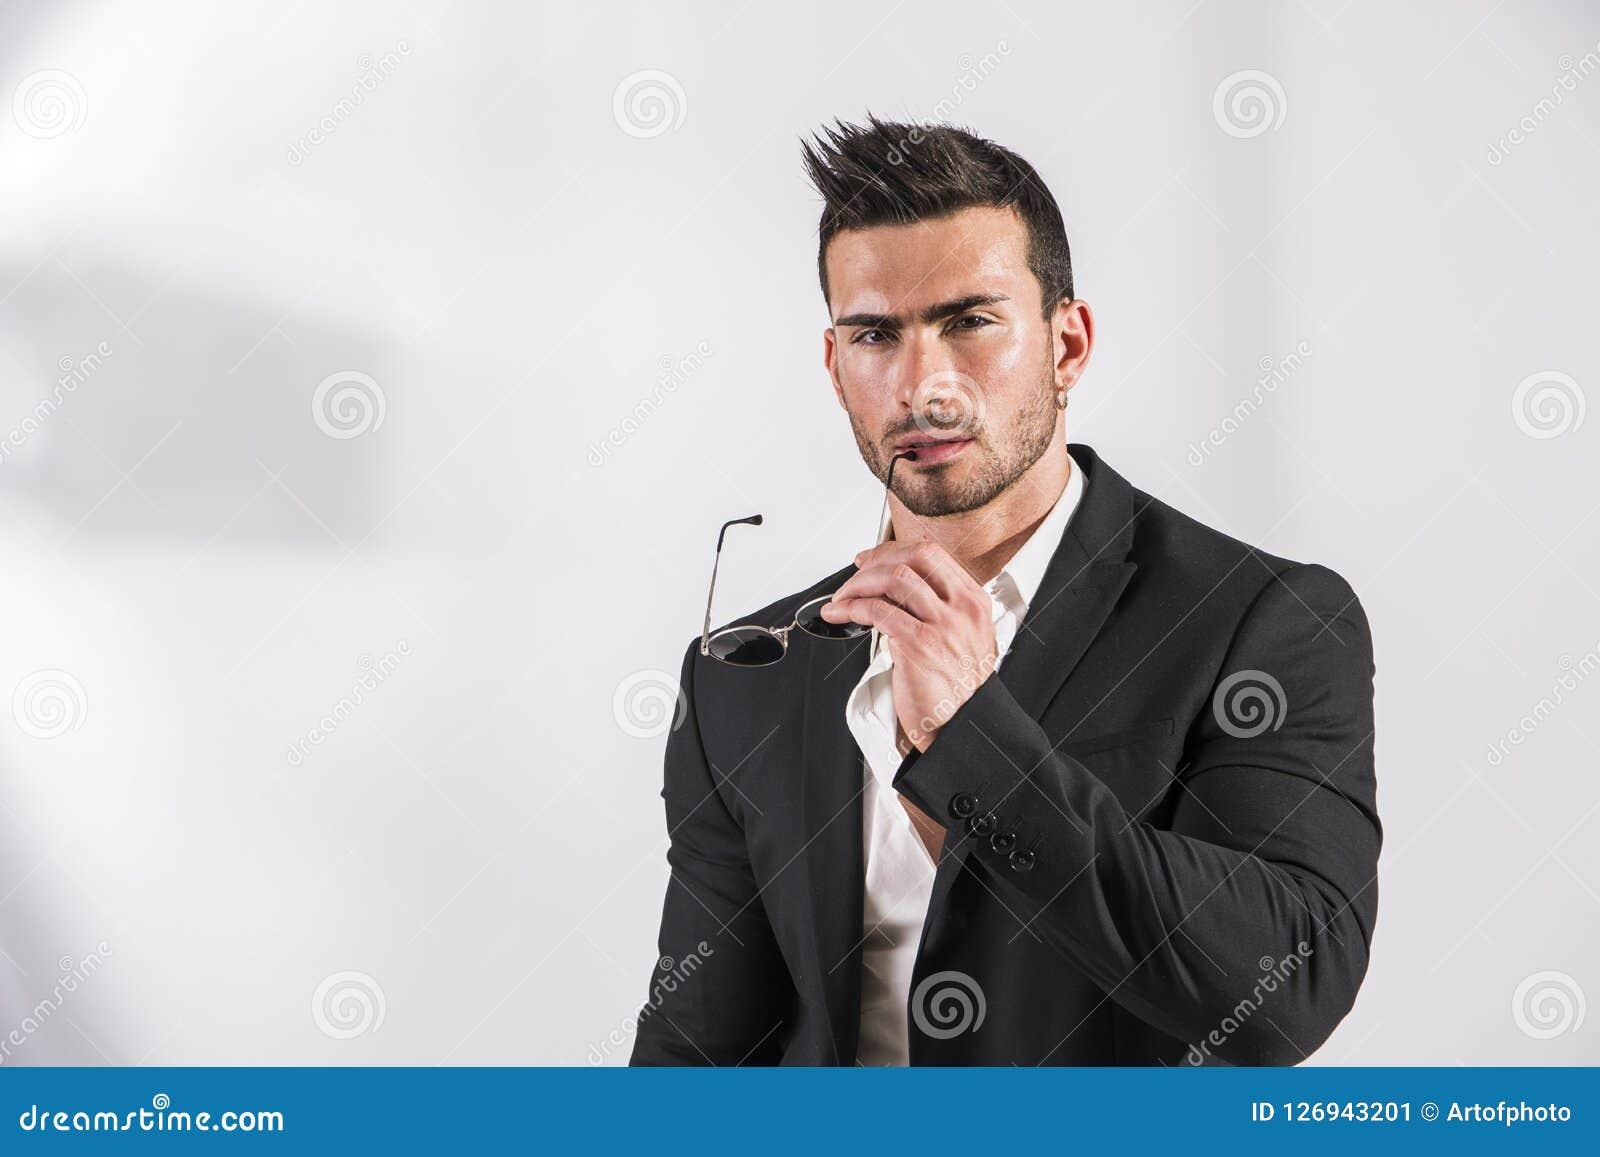 Overhemd Voor Pak.Elegante Aantrekkelijke Mens Met Pak En Wit Overhemd Op Wit Stock